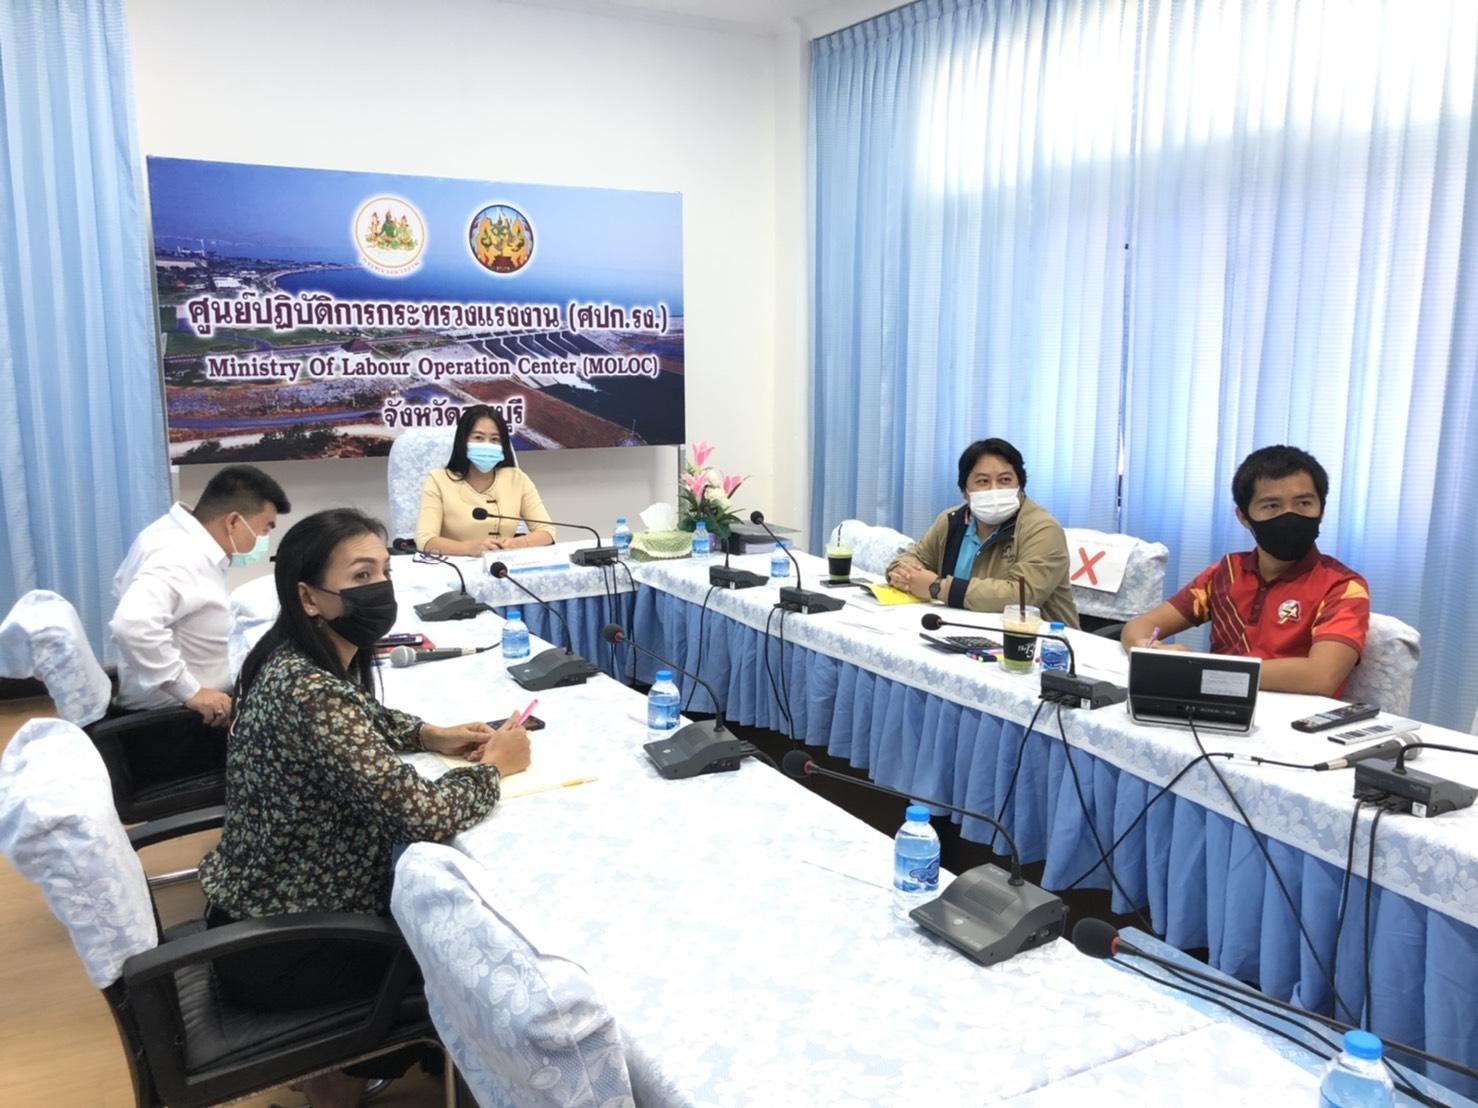 สำนักงานแรงงานจังหวัดลพบุรี ประชุมข้าราชการ พนักงานราชการ ลูกจ้างประจำ และเจ้าหน้าที่ สำนักงานแรงงานจังหวัดลพบุรี